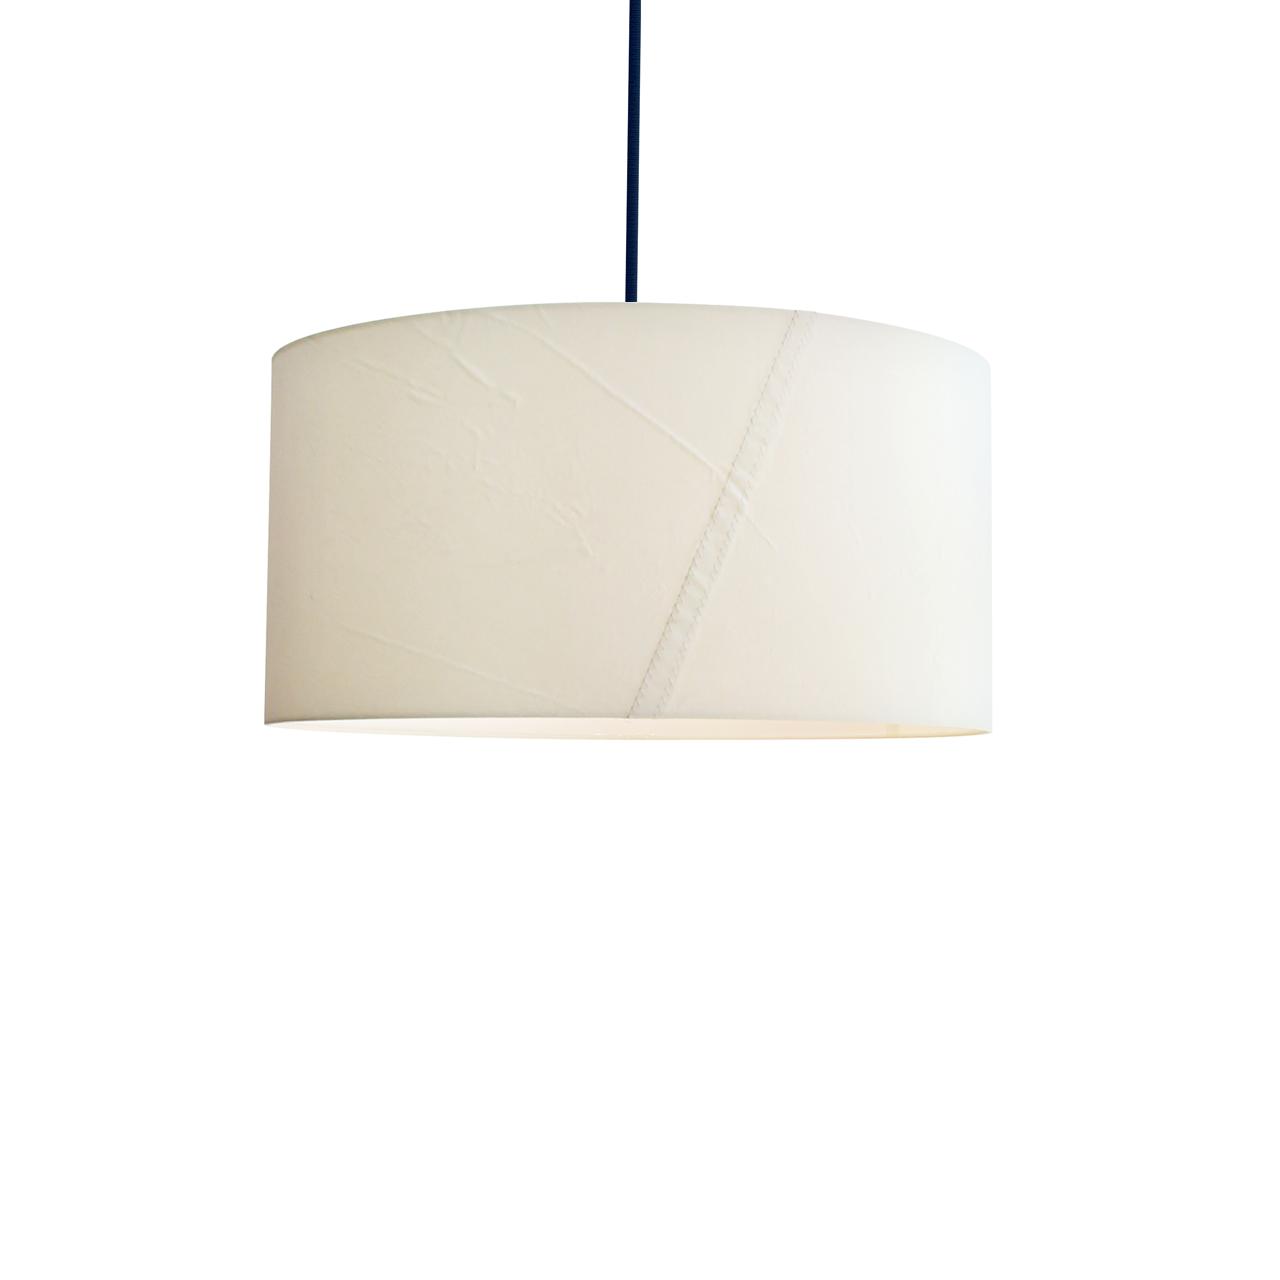 Nachhaltige Lampe